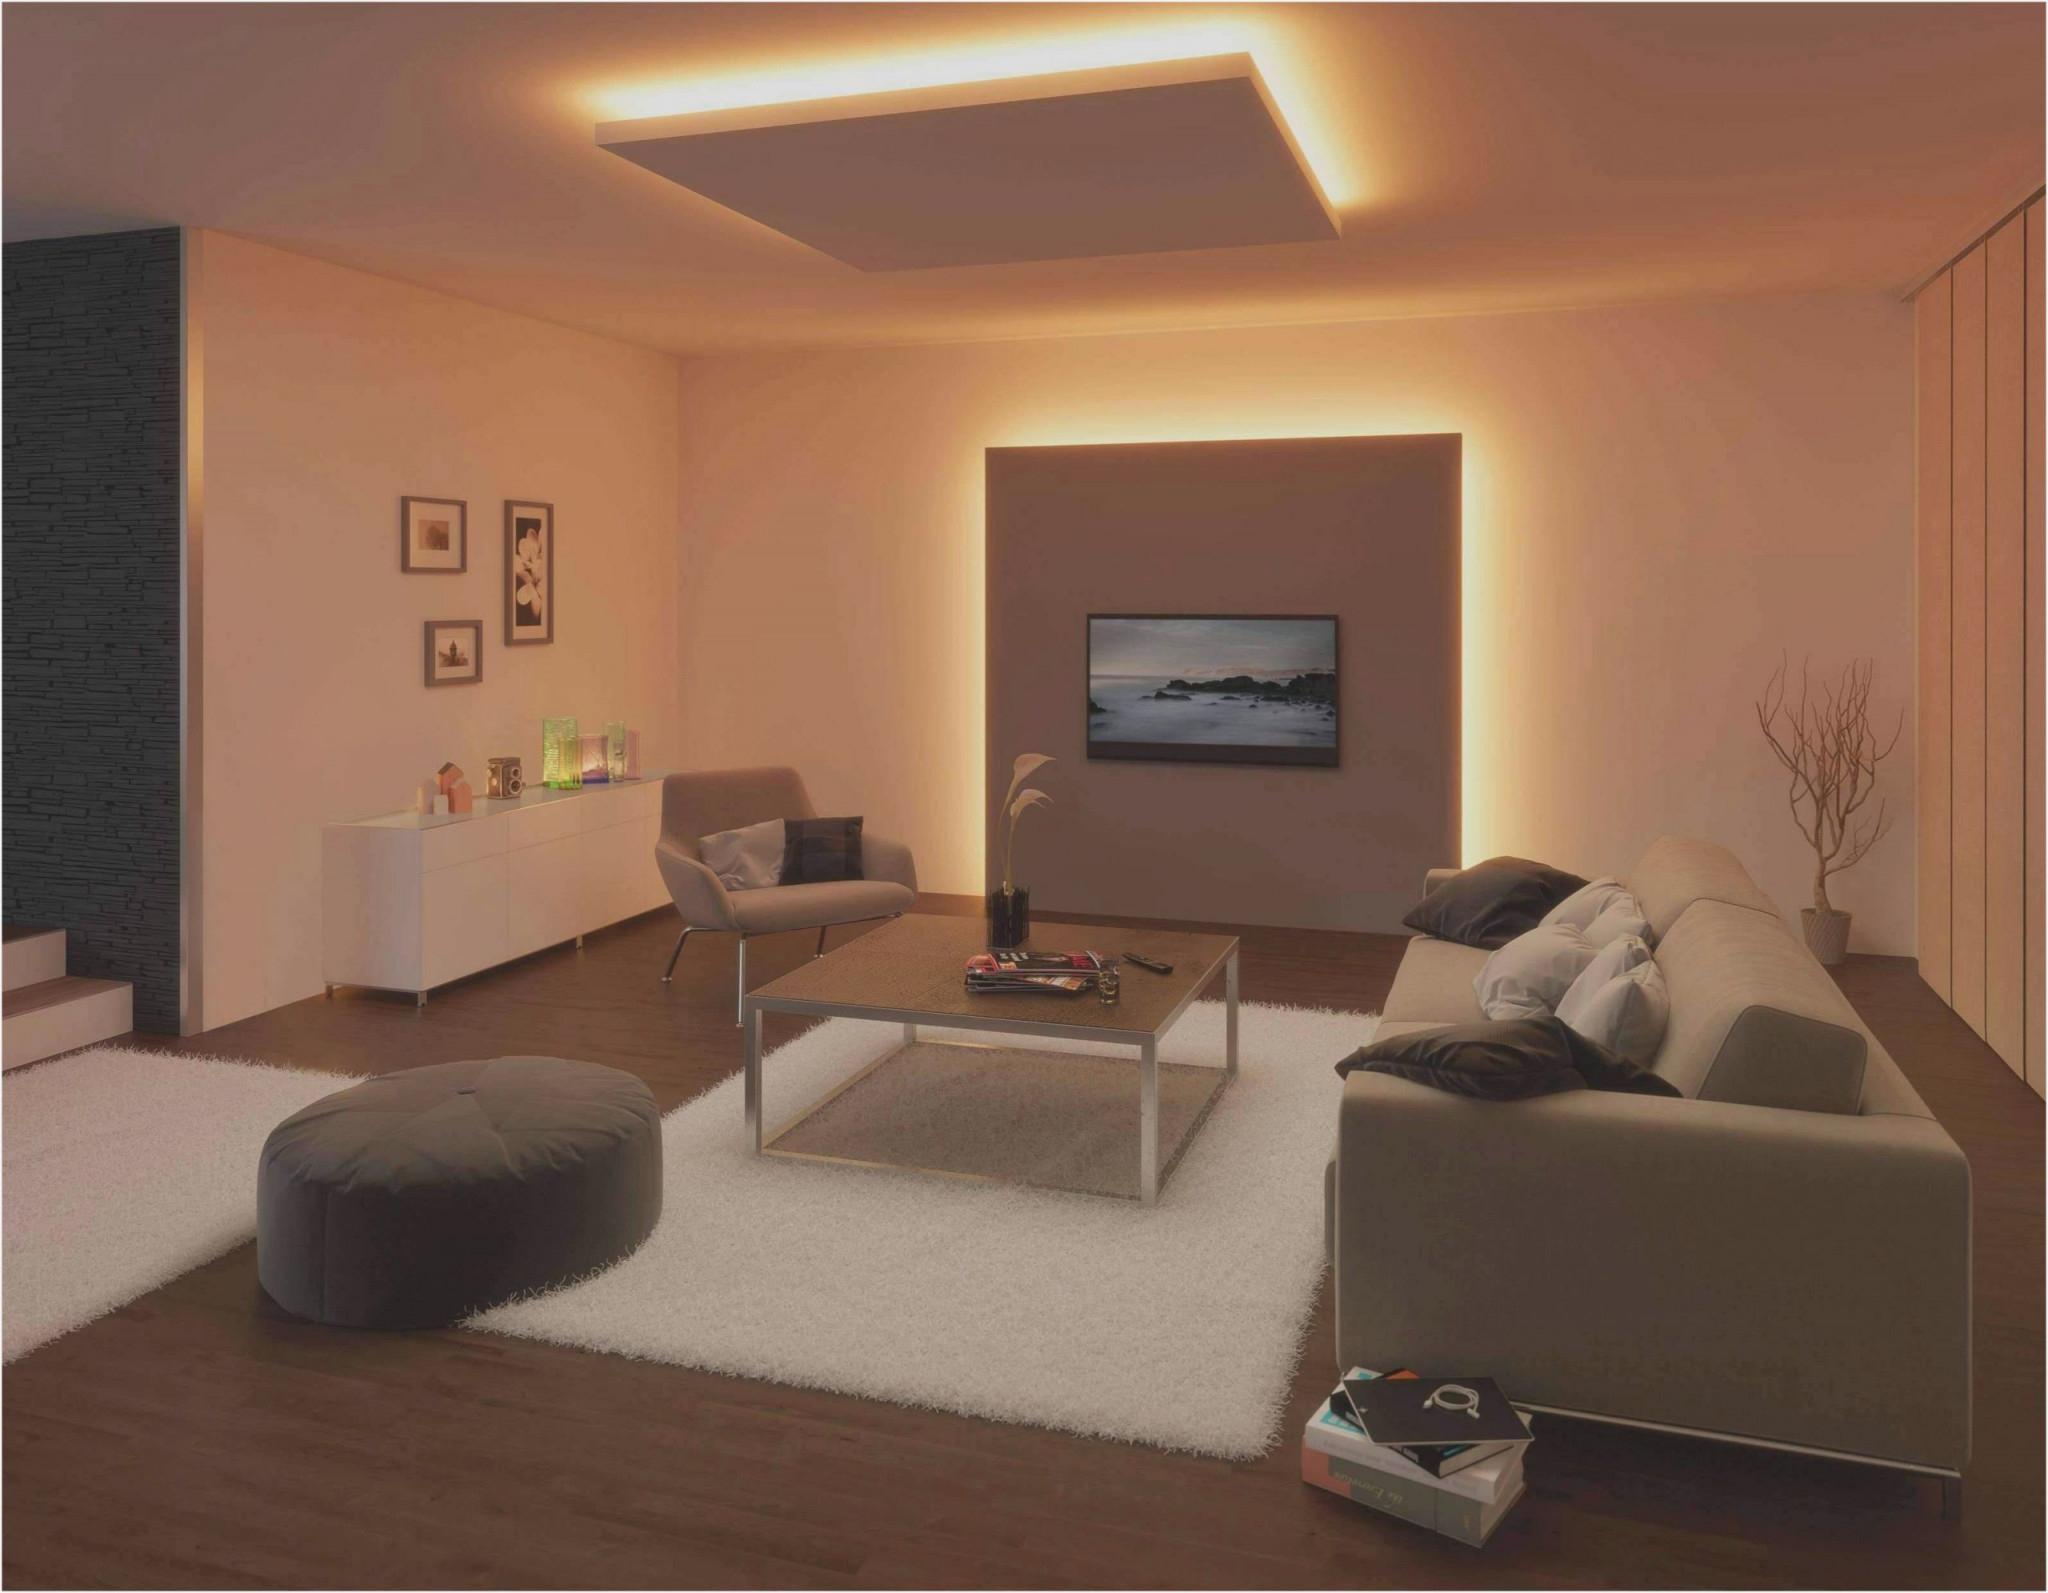 Deckenleuchte Wohnzimmer Landhausstil Mit Holz  Wohnzimmer von Deckenlampe Wohnzimmer Landhausstil Bild